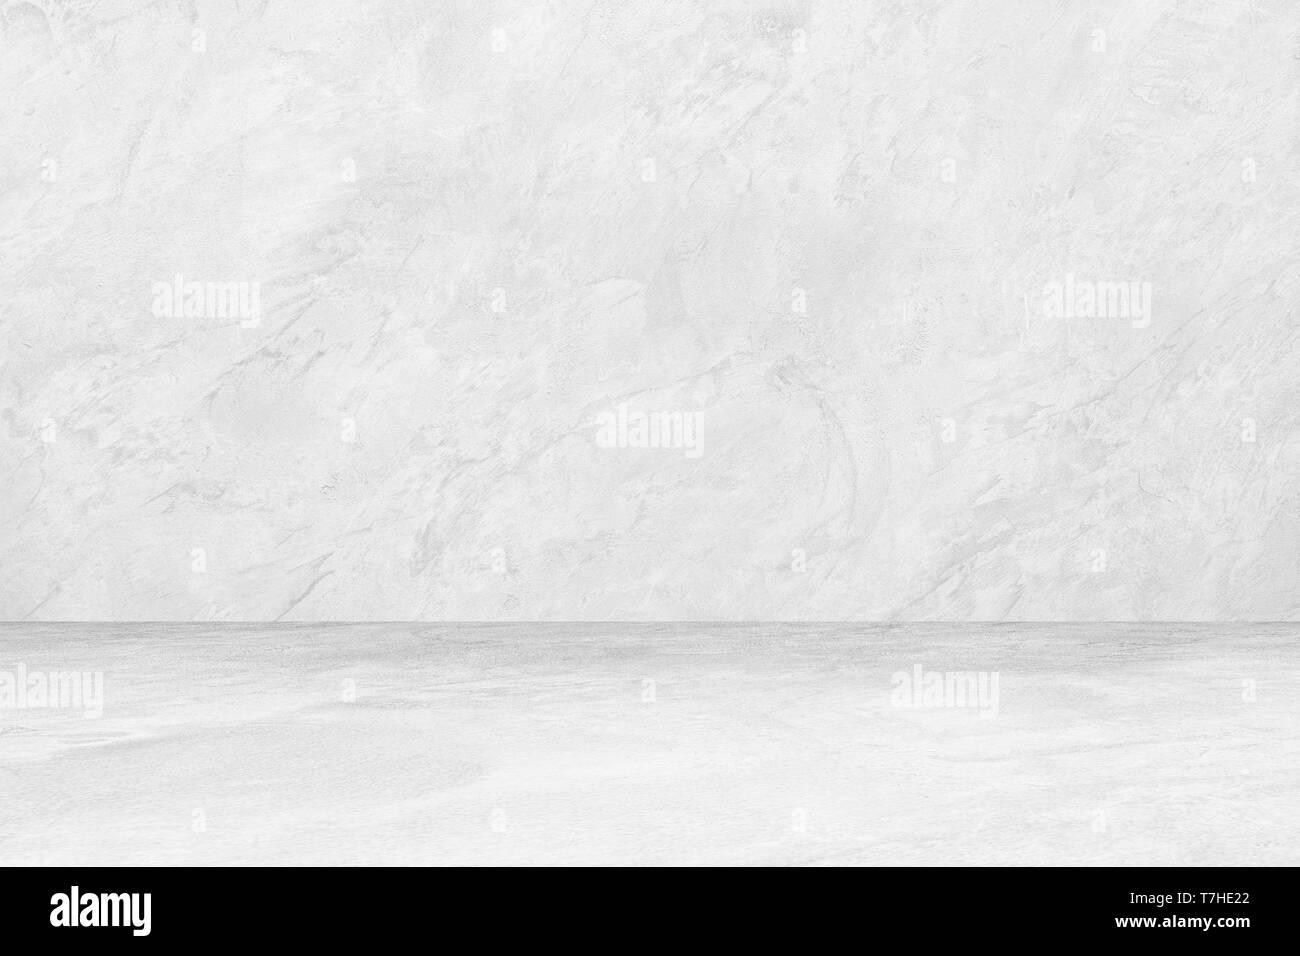 Mur De Ciment Blanc Grunge Fond Closeup Texture Grunge